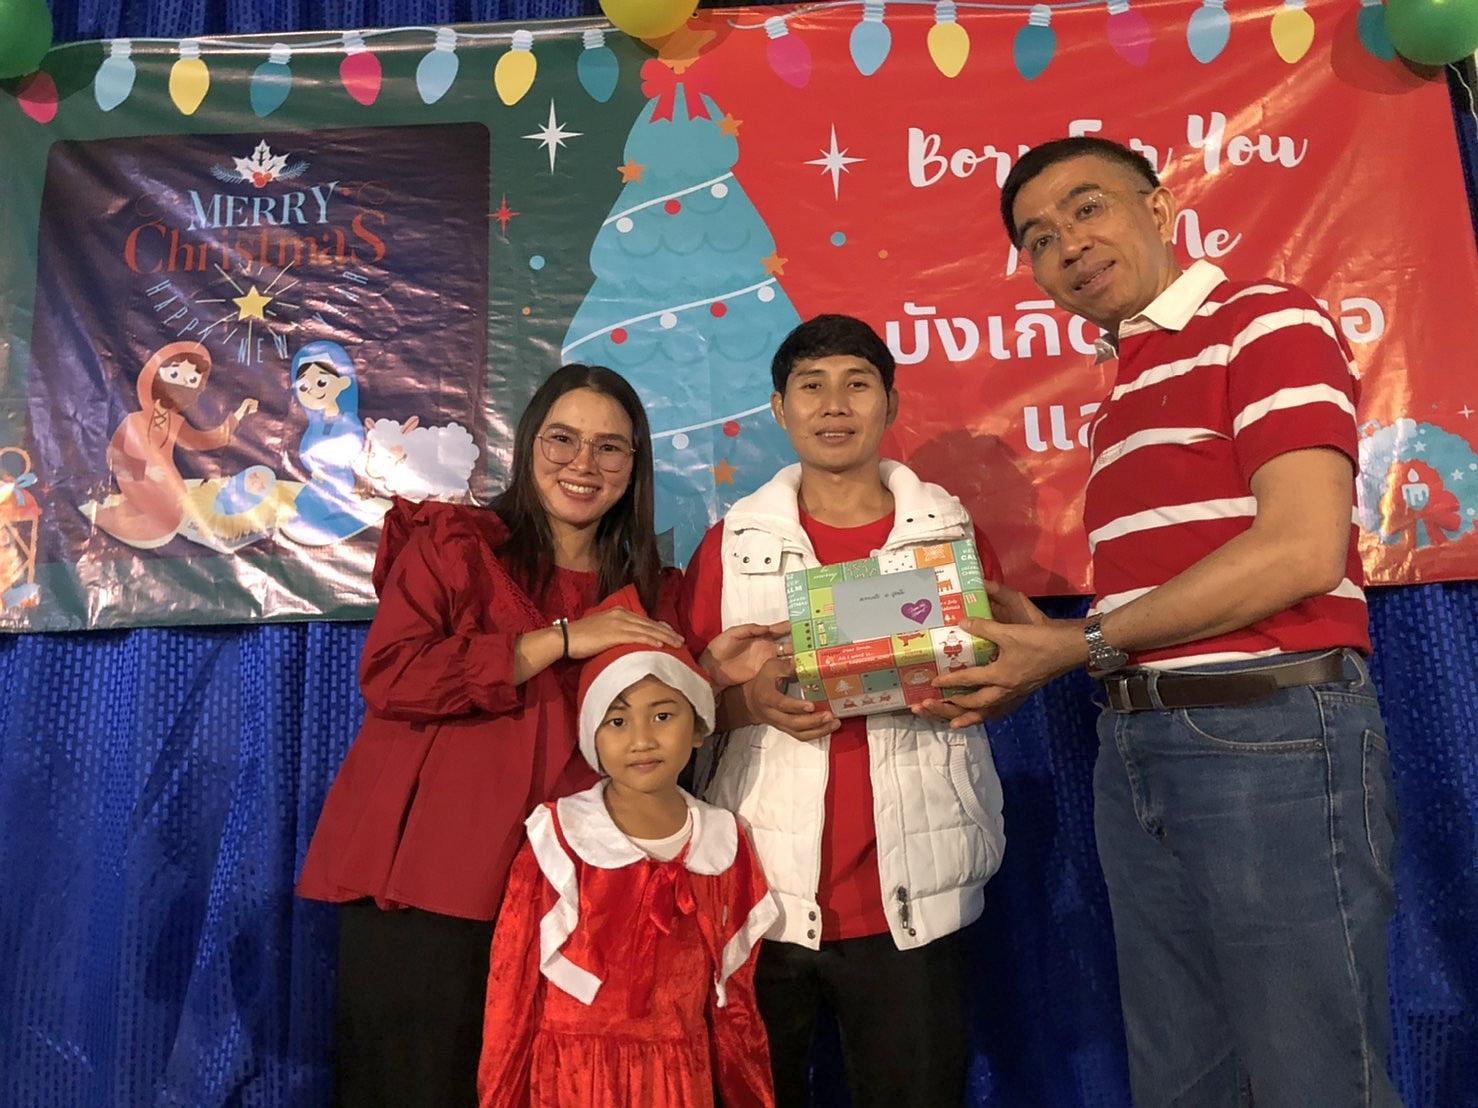 在聖誕晚會上,傅牧師致送禮物給快將生產的同工蘇慈恩(左一)蘇德禮家庭